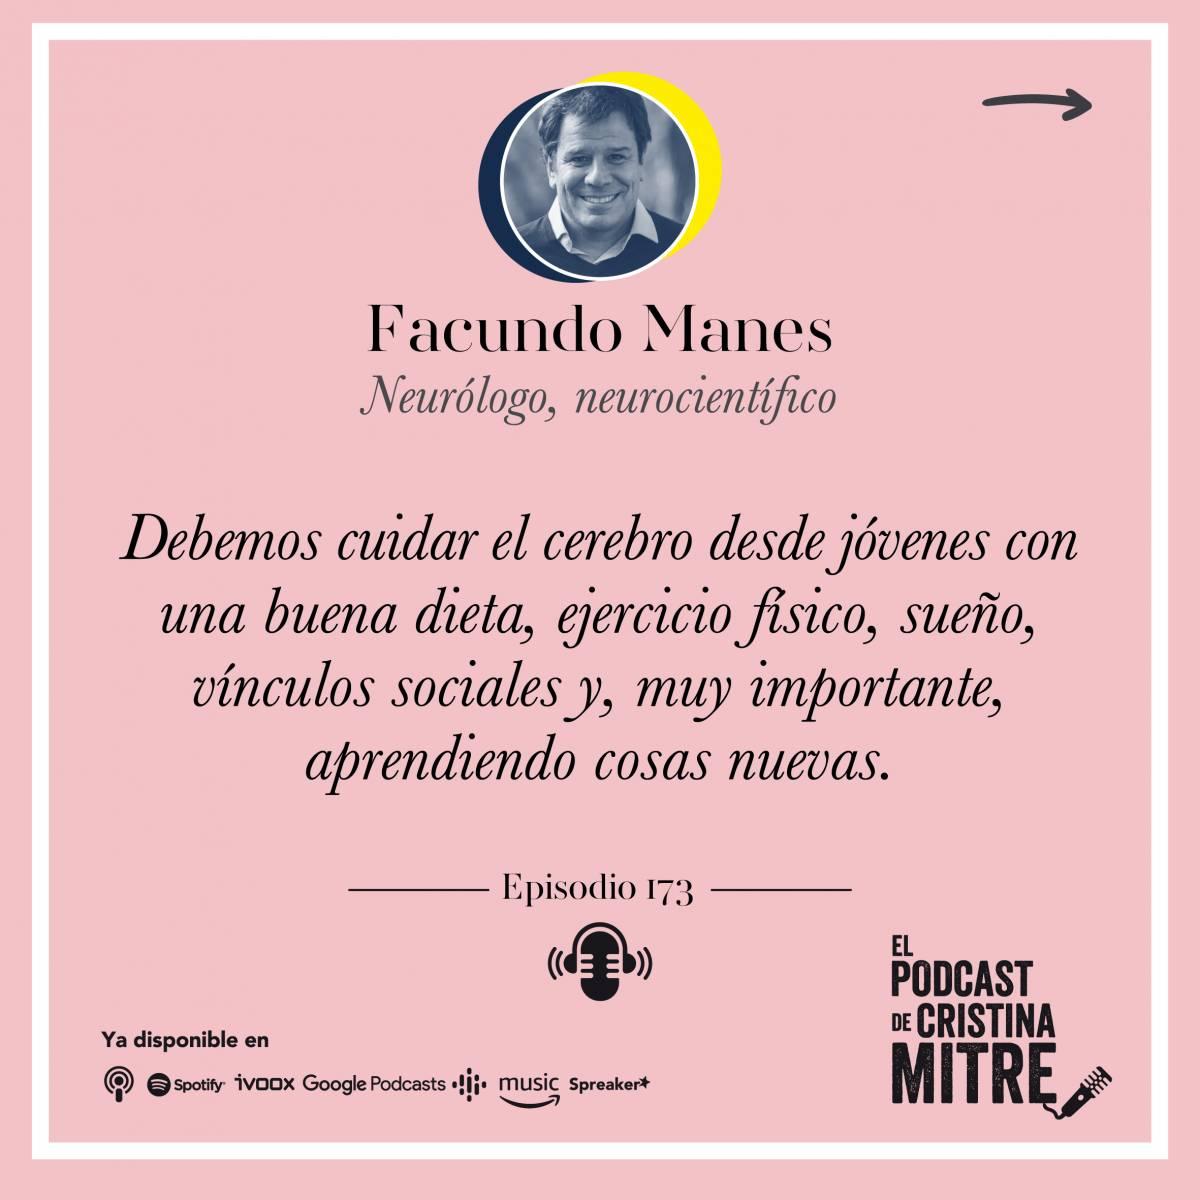 Cuidar el Cerebro bienestar Cristina Mitre Facundo Manes